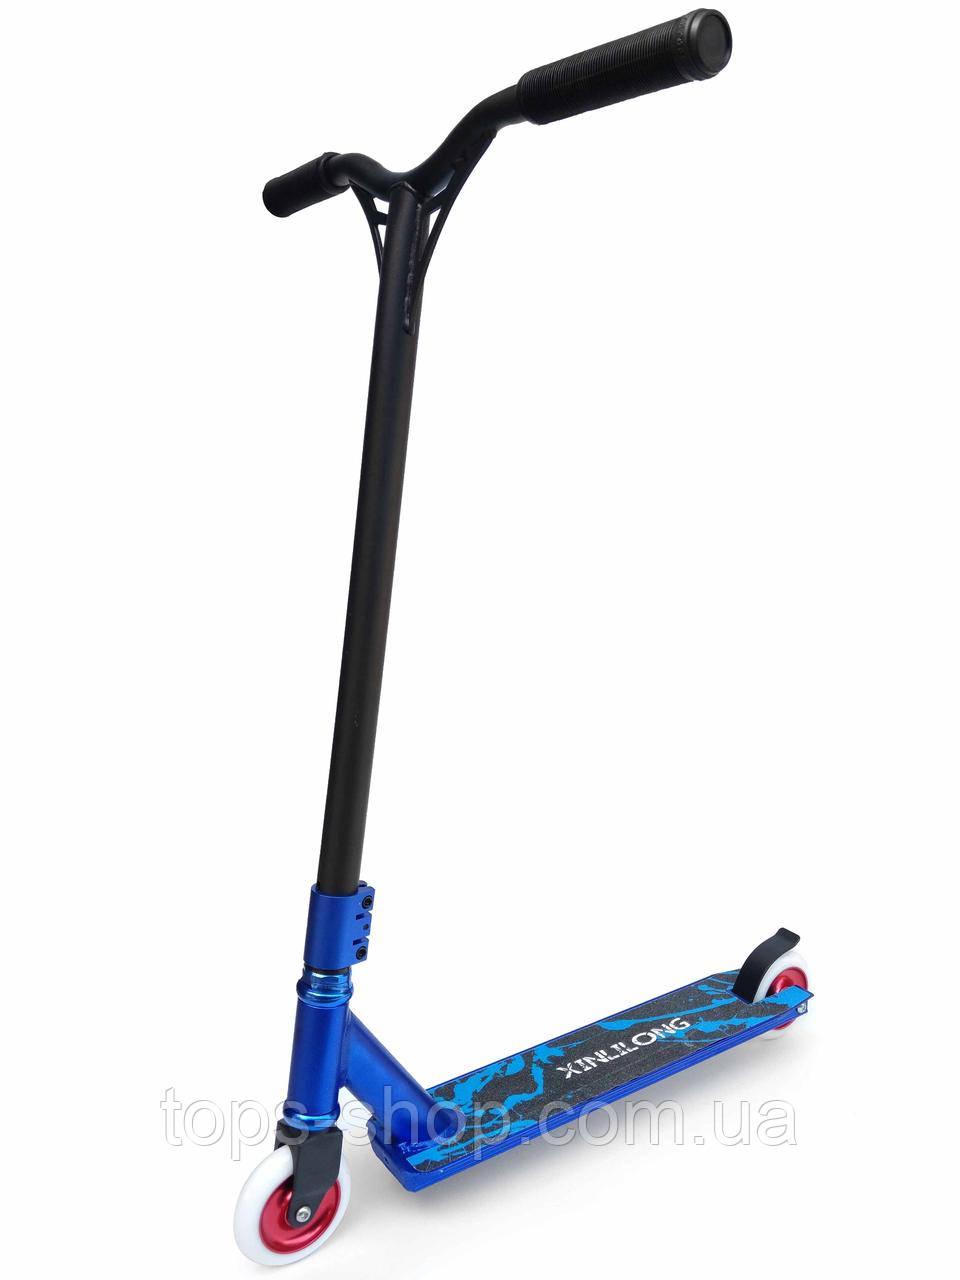 Трюковый Самокат Scooter-Vip , 100 мм Синий , колеса литые алюминий/каучук, для взрослых и детей